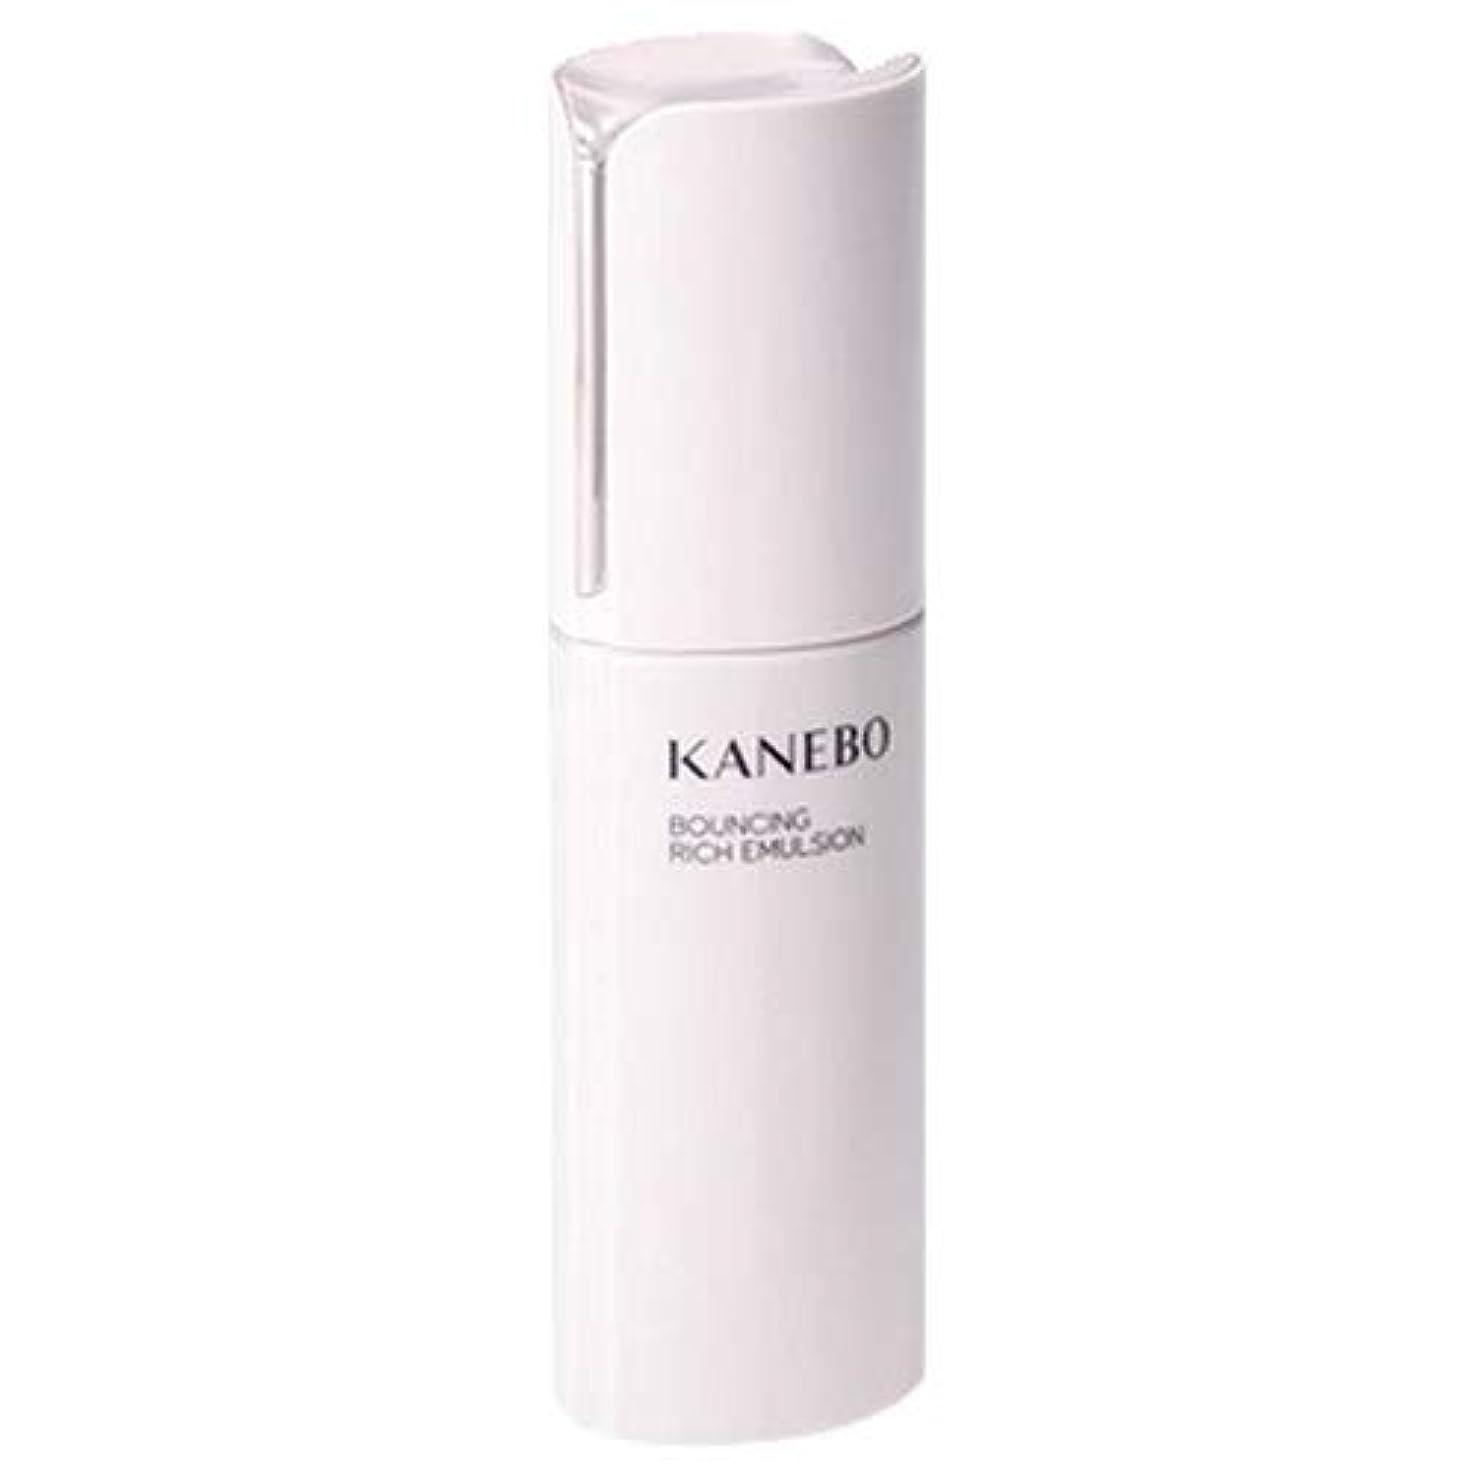 色合い移植テキストカネボウ KANEBO 乳液 バウンシング リッチ エマルジョン 100ml [並行輸入品]